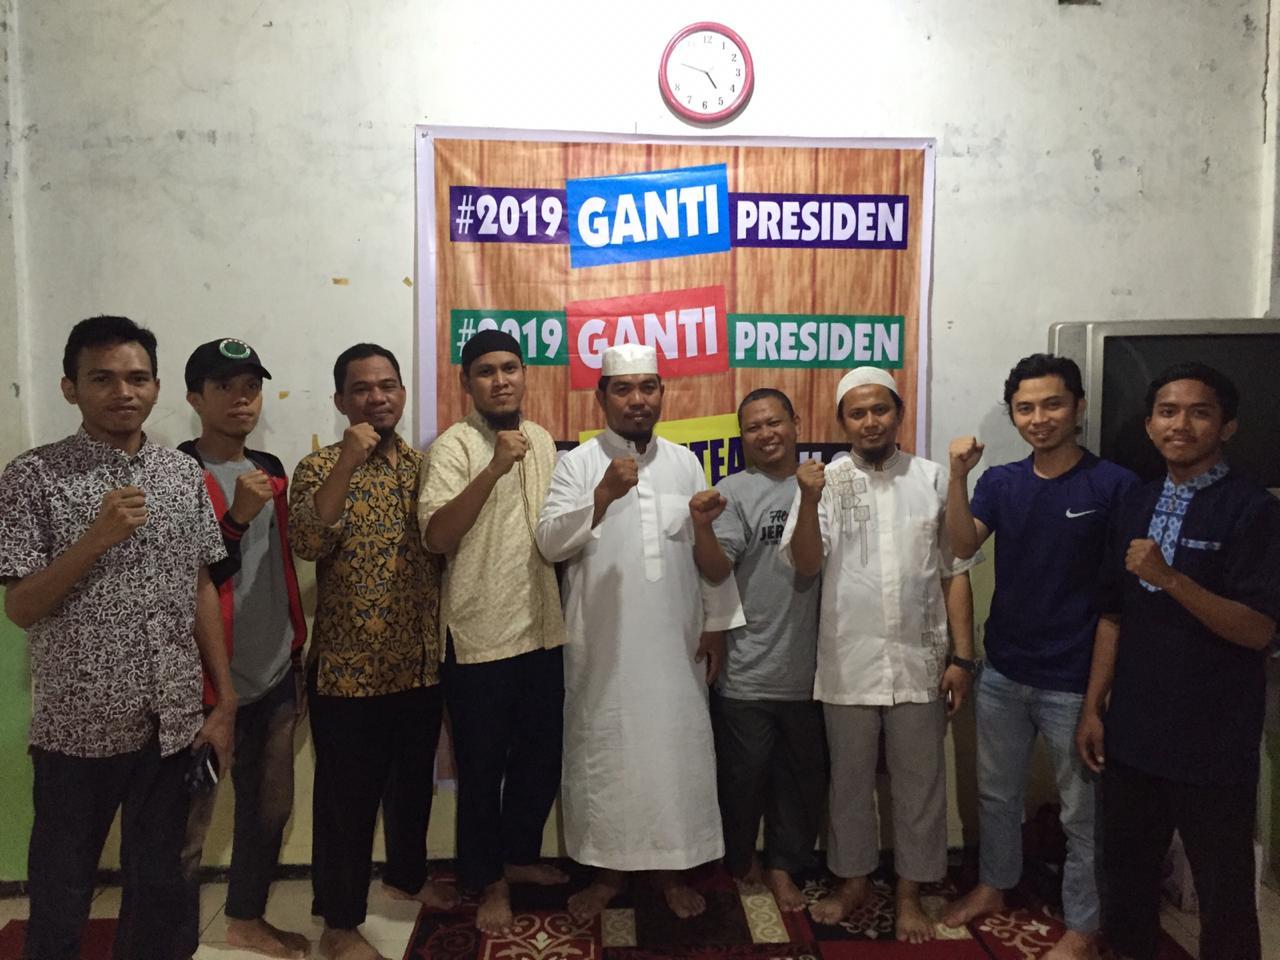 Deklarasi 2019 Ganti Presiden Bakal Digelar di Makassar, Libatkan Puluhan Ribu Massa